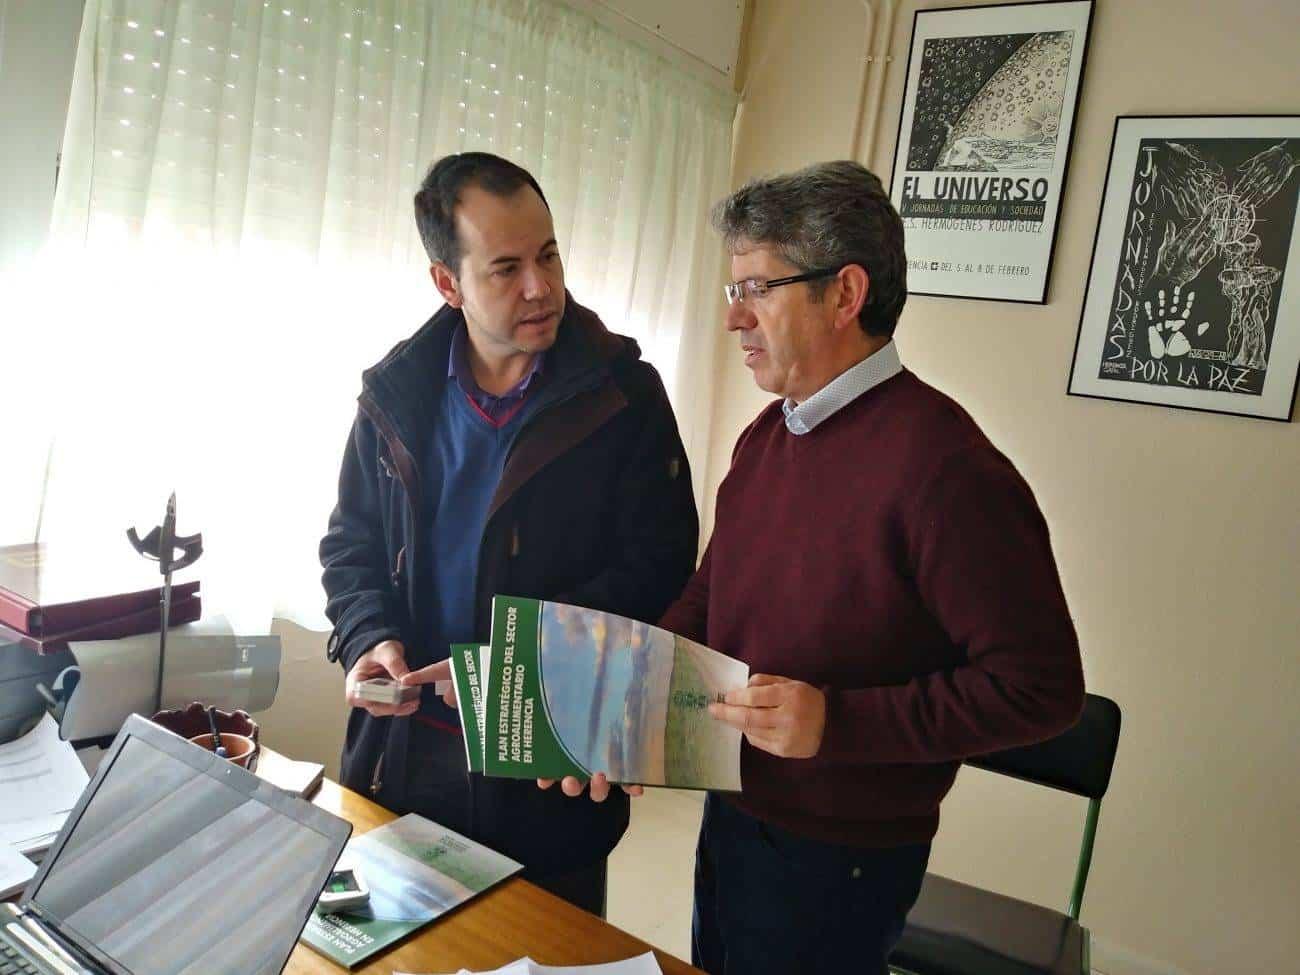 huerto escolar ies hermogenes rodriguez - El plan estratégico agroalimentario de Herencia llega al IES Hermógenes Rodríguez